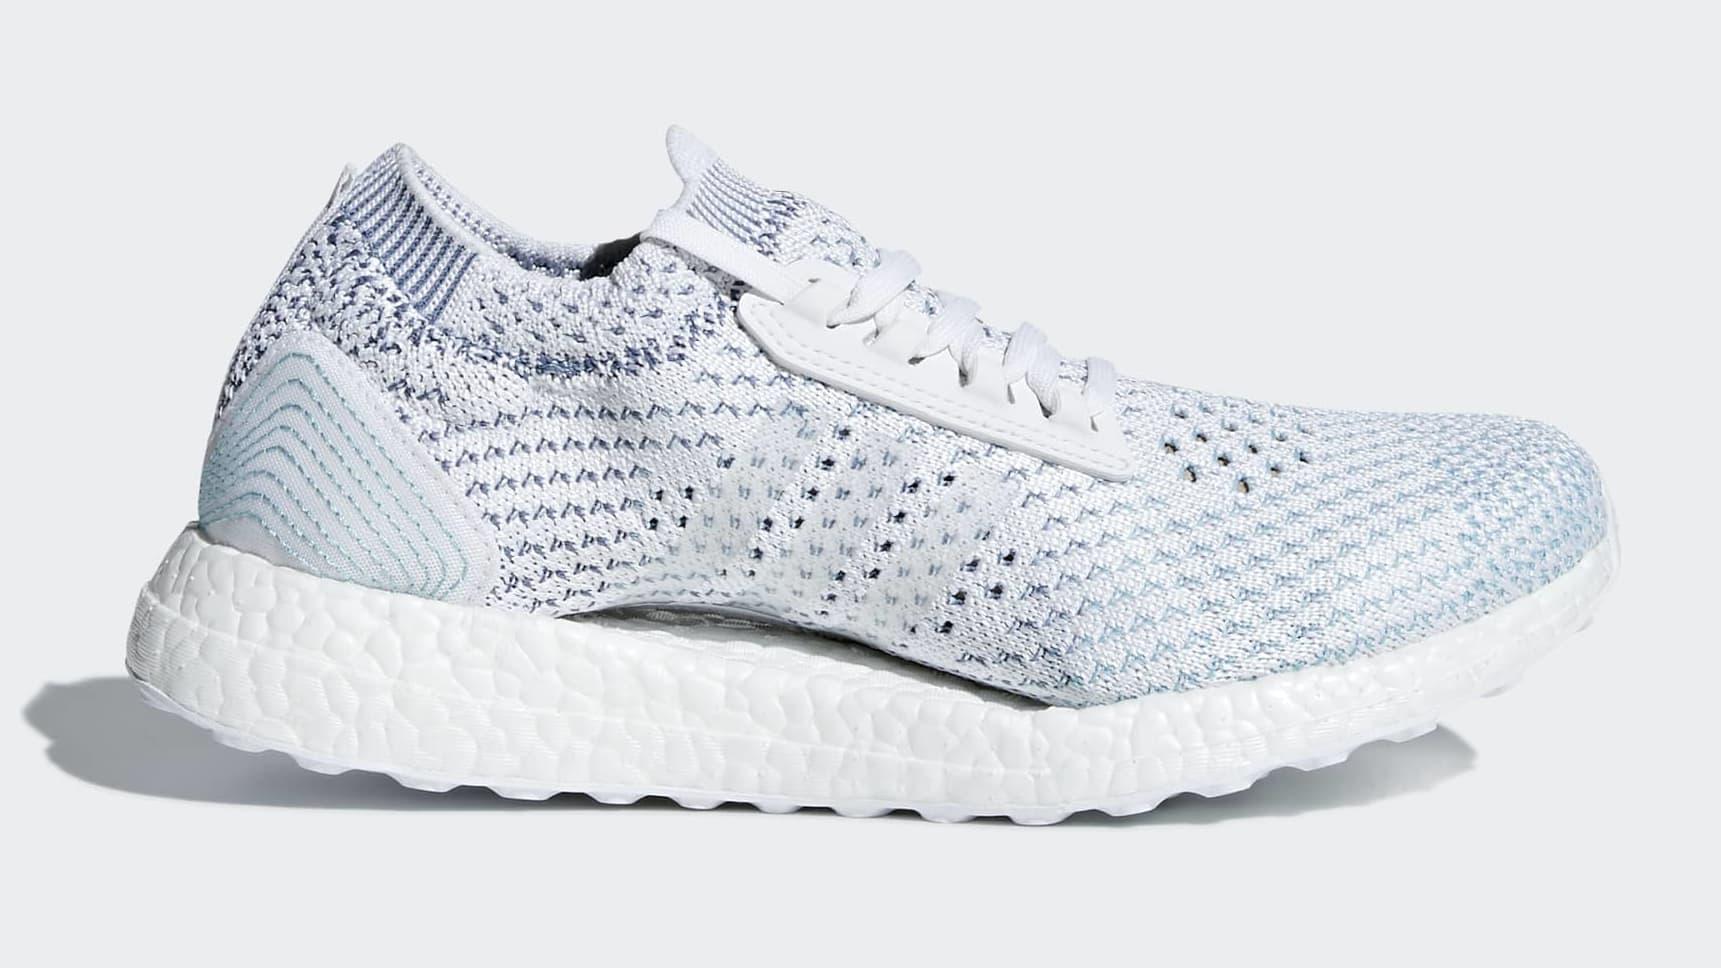 Adidas x Parley UltraBoost X